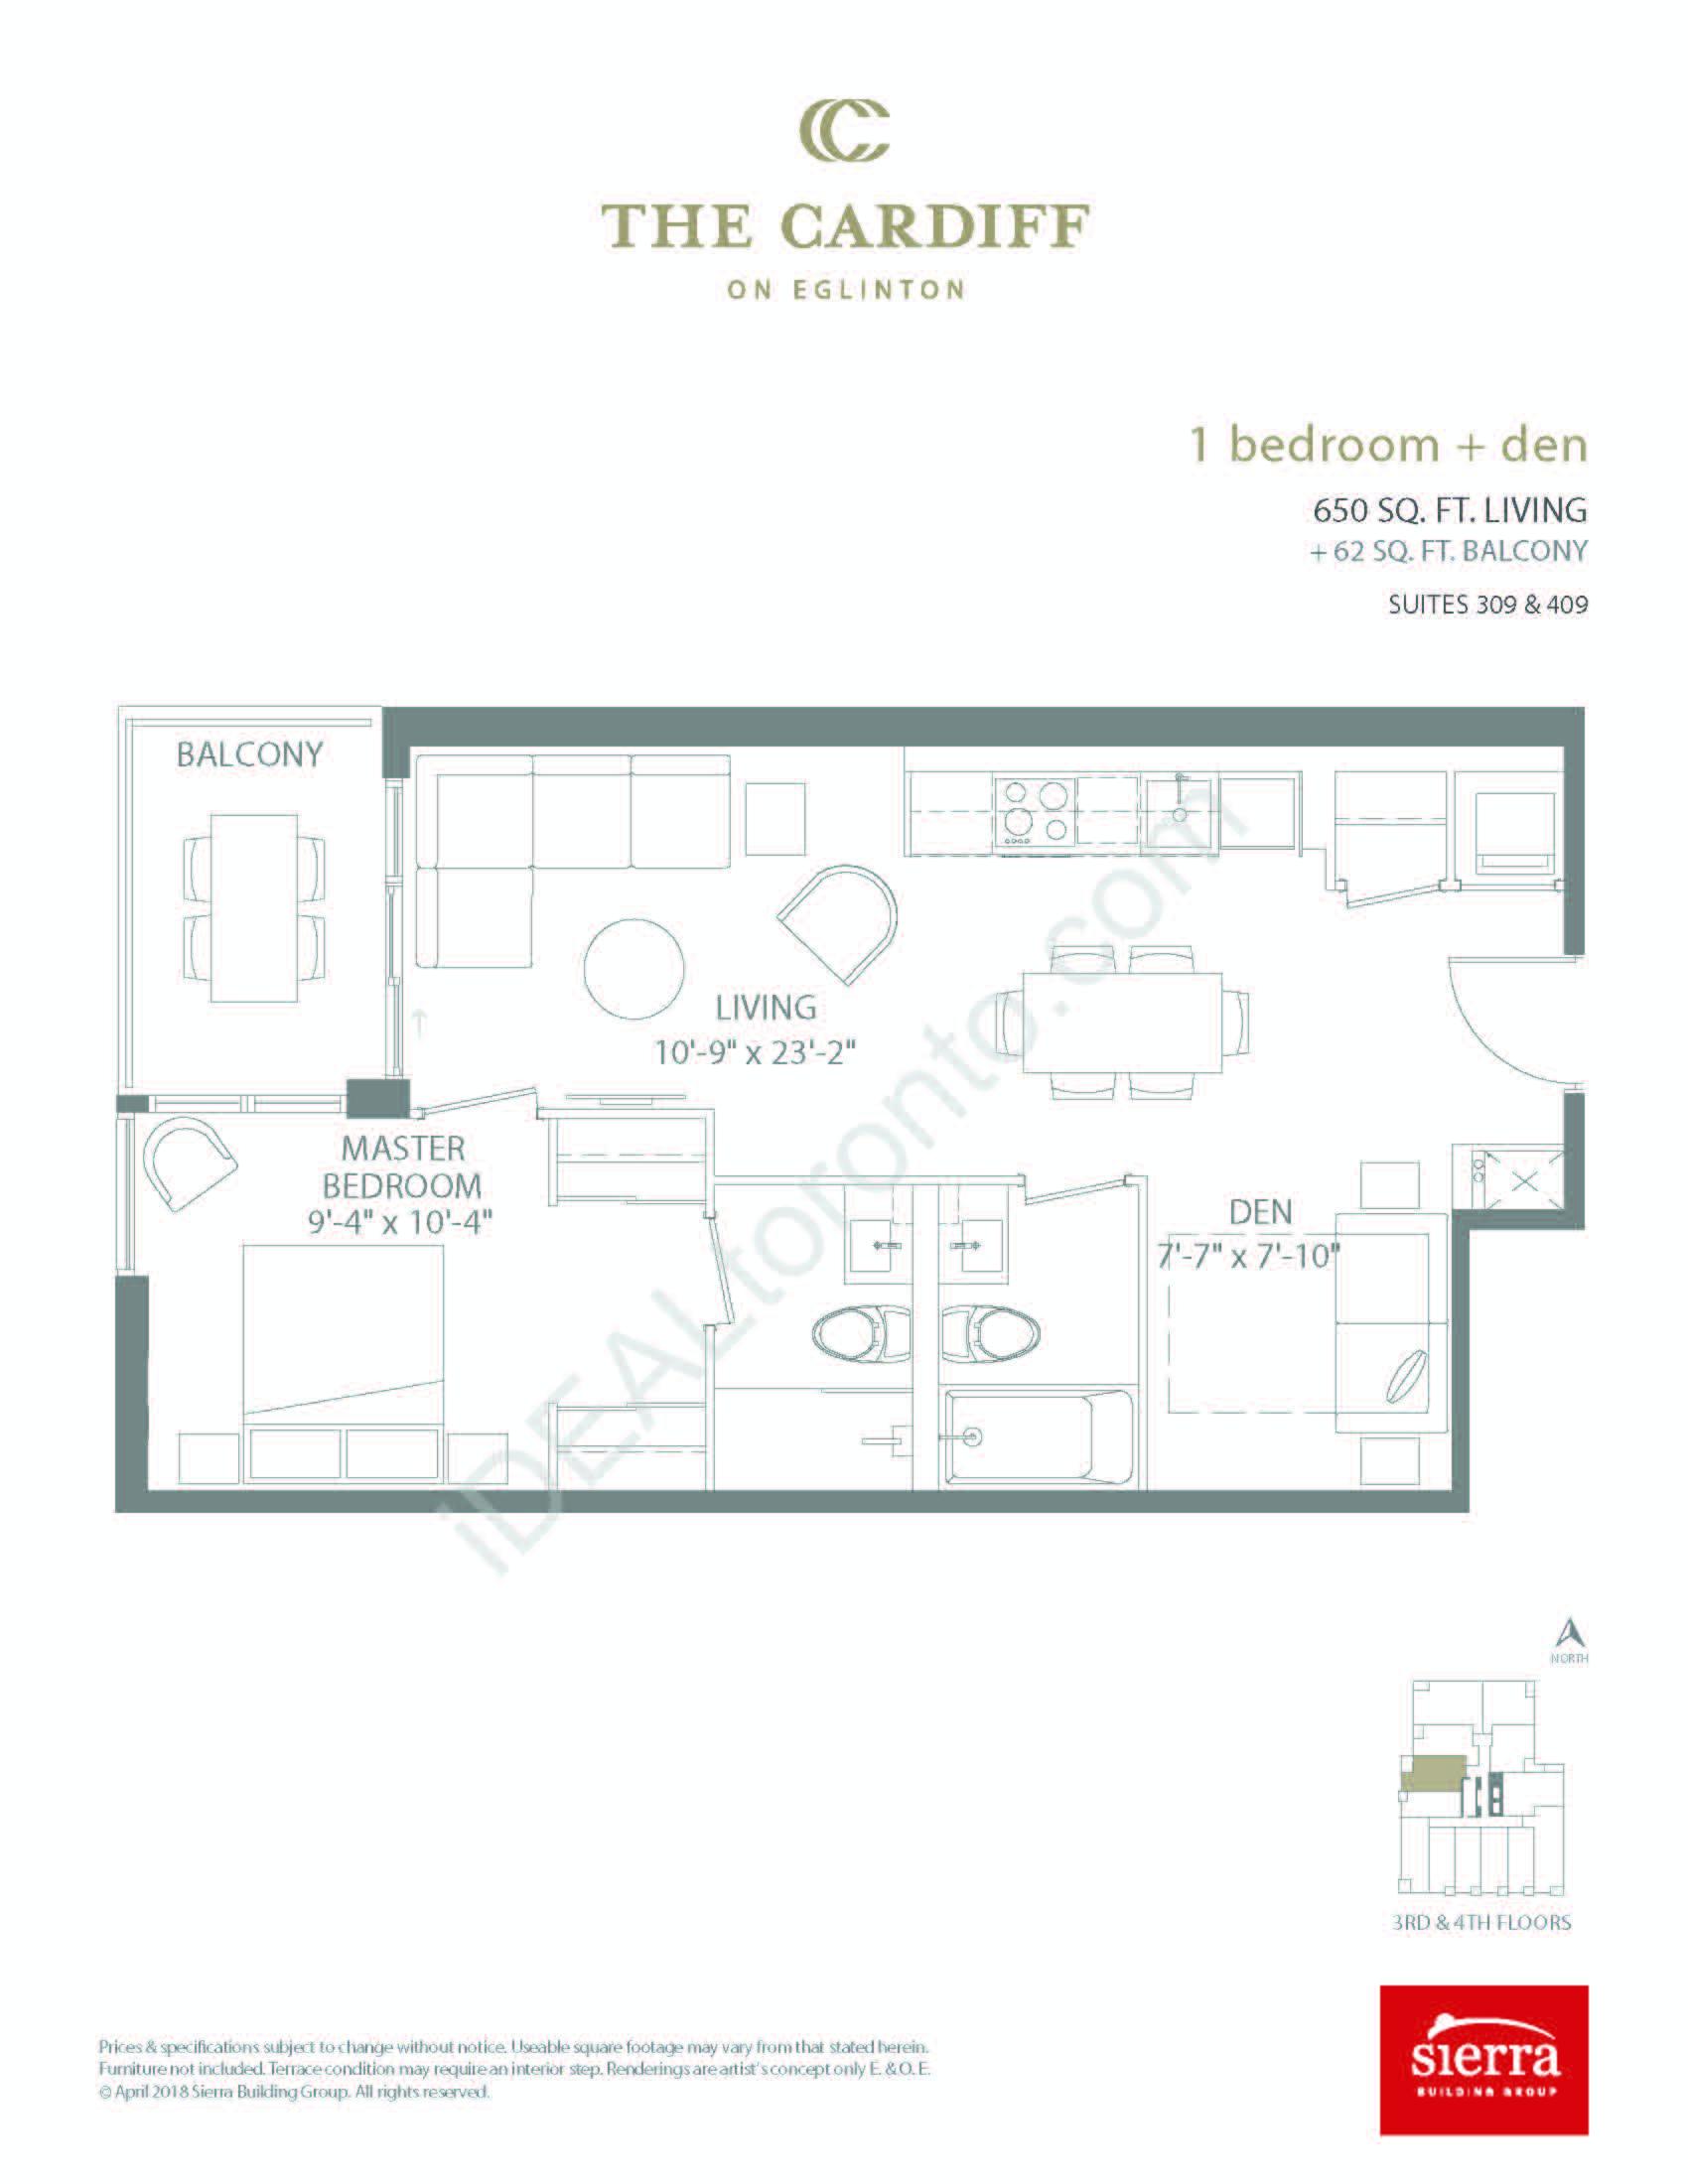 1 Bedroom + Den + Balcony